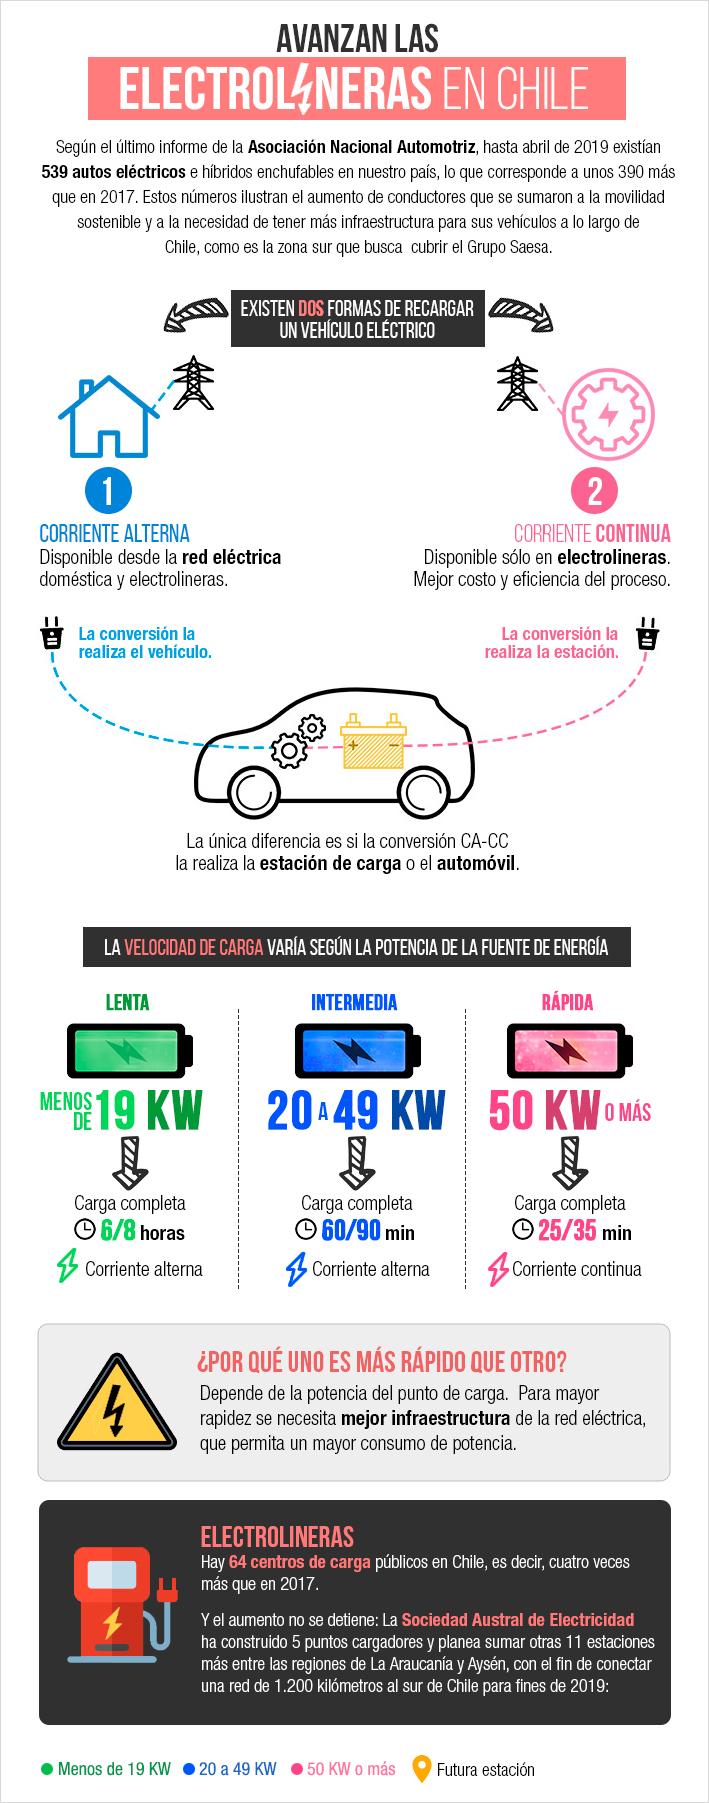 El sostenido aumento de los autos eléctricos en Chile y